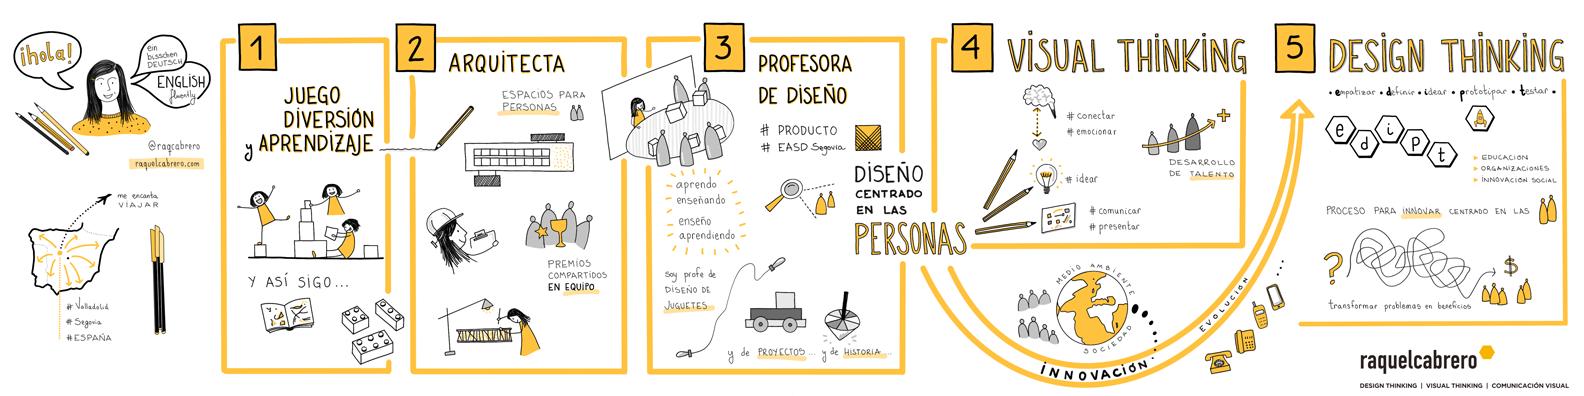 Raquel Cabrero - Presentacion Visual